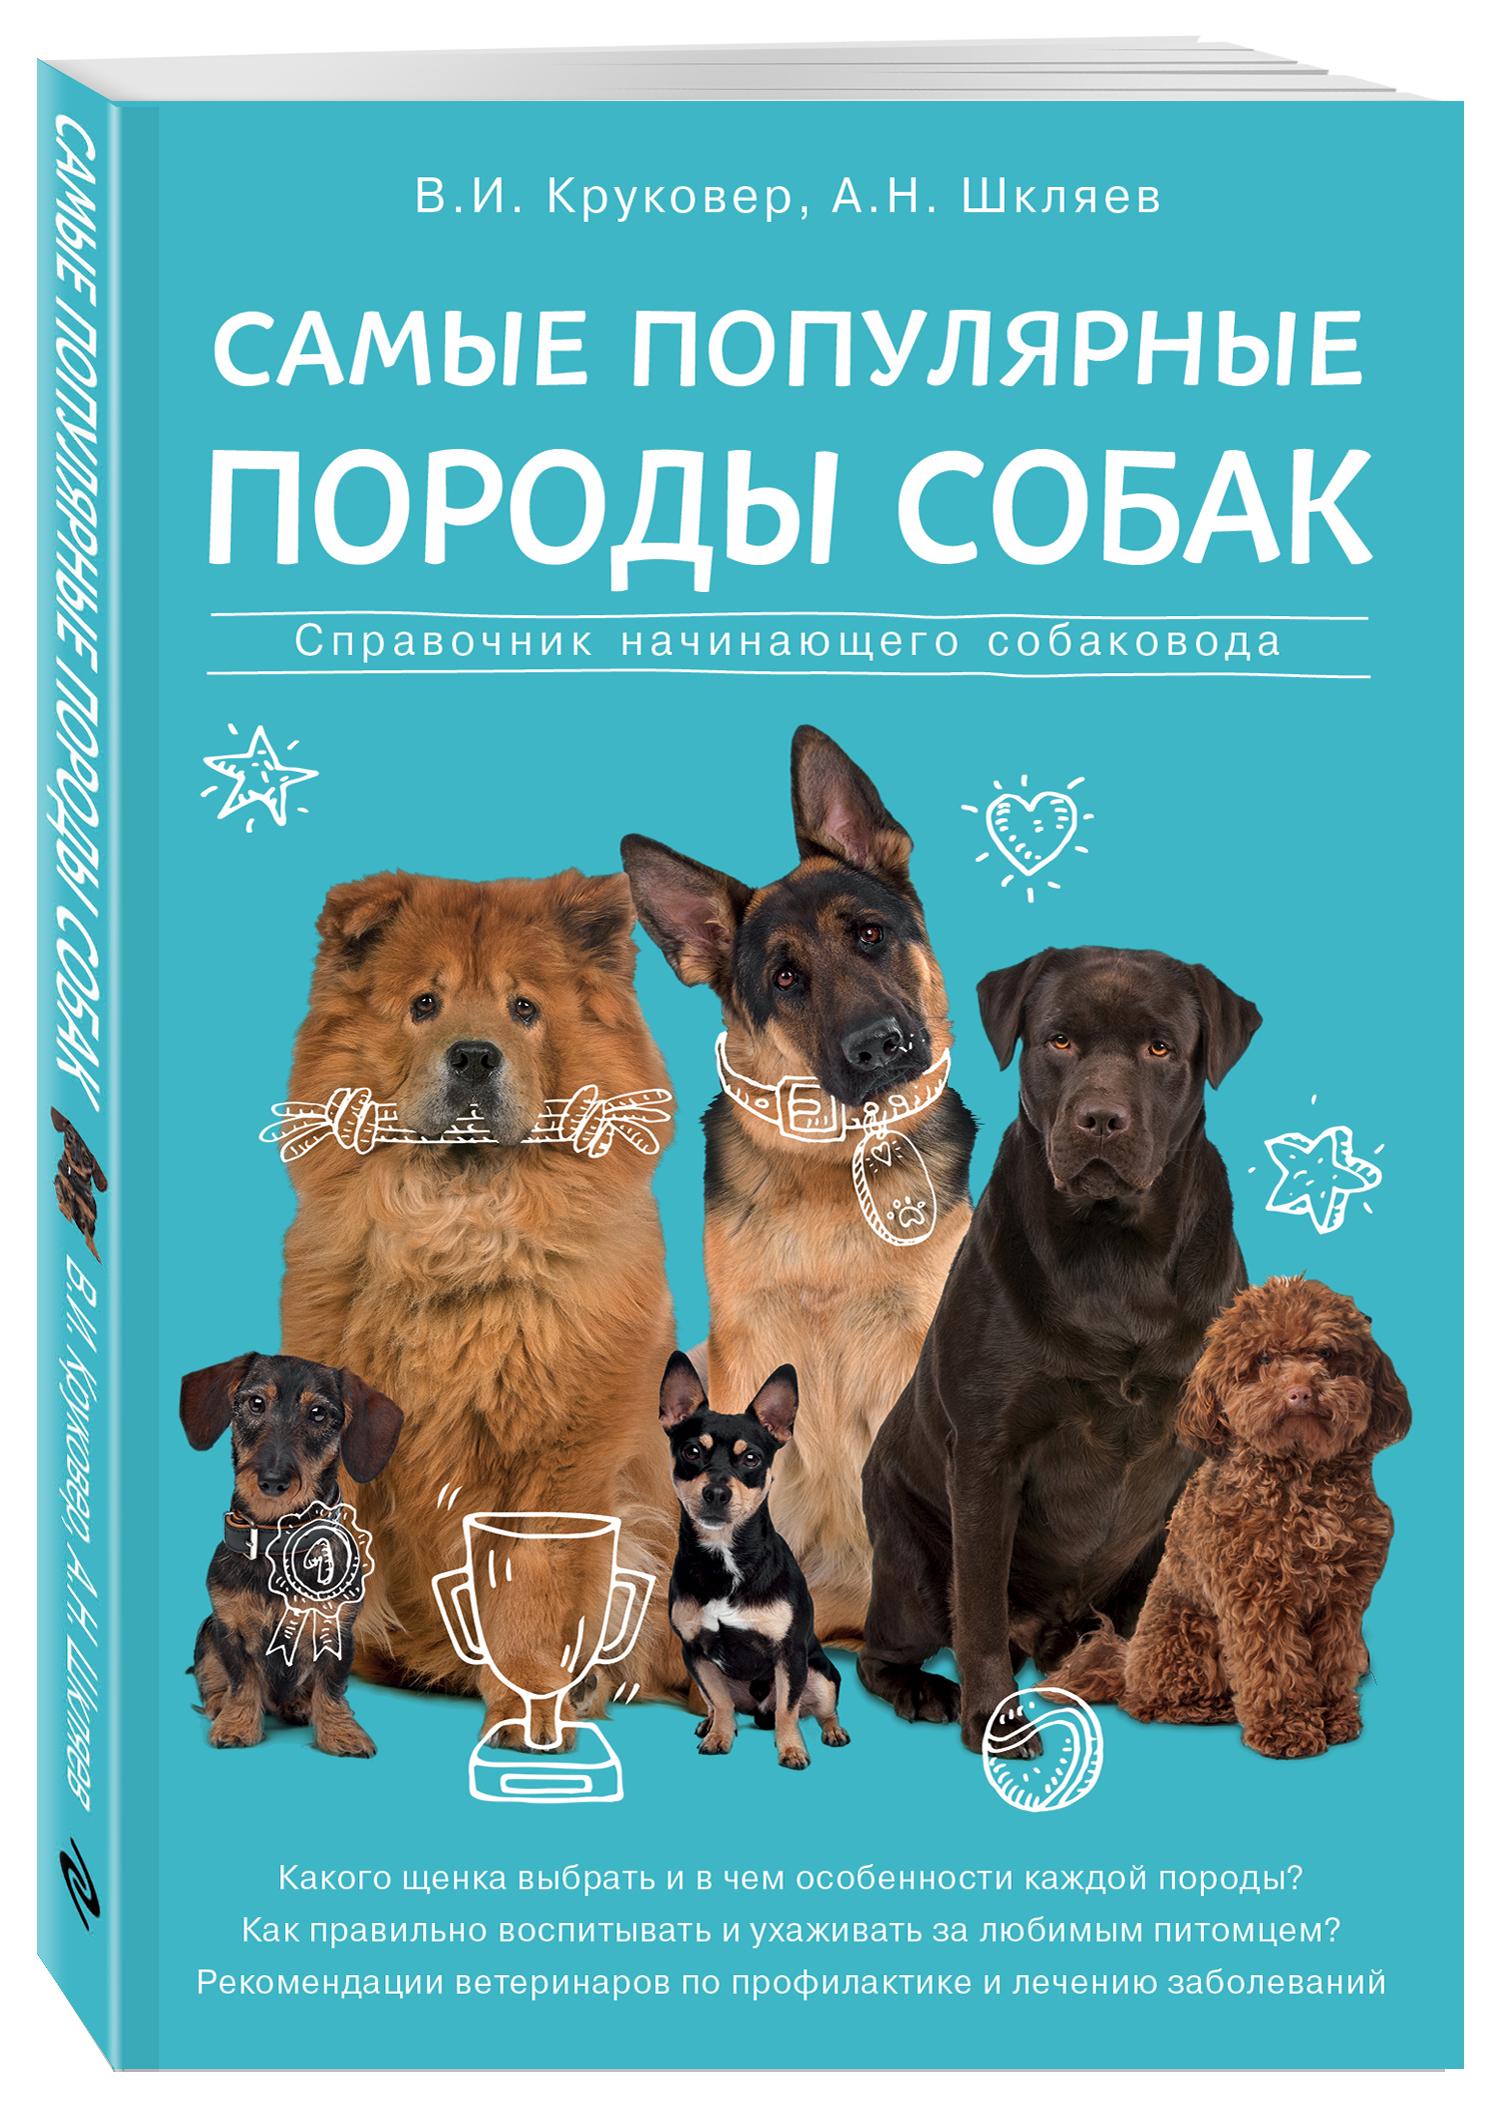 Круковер В.И., Шкляев А.Н. Самые популярные породы собак как купить собаку в новосибирске породы ризеншнауцер без документов